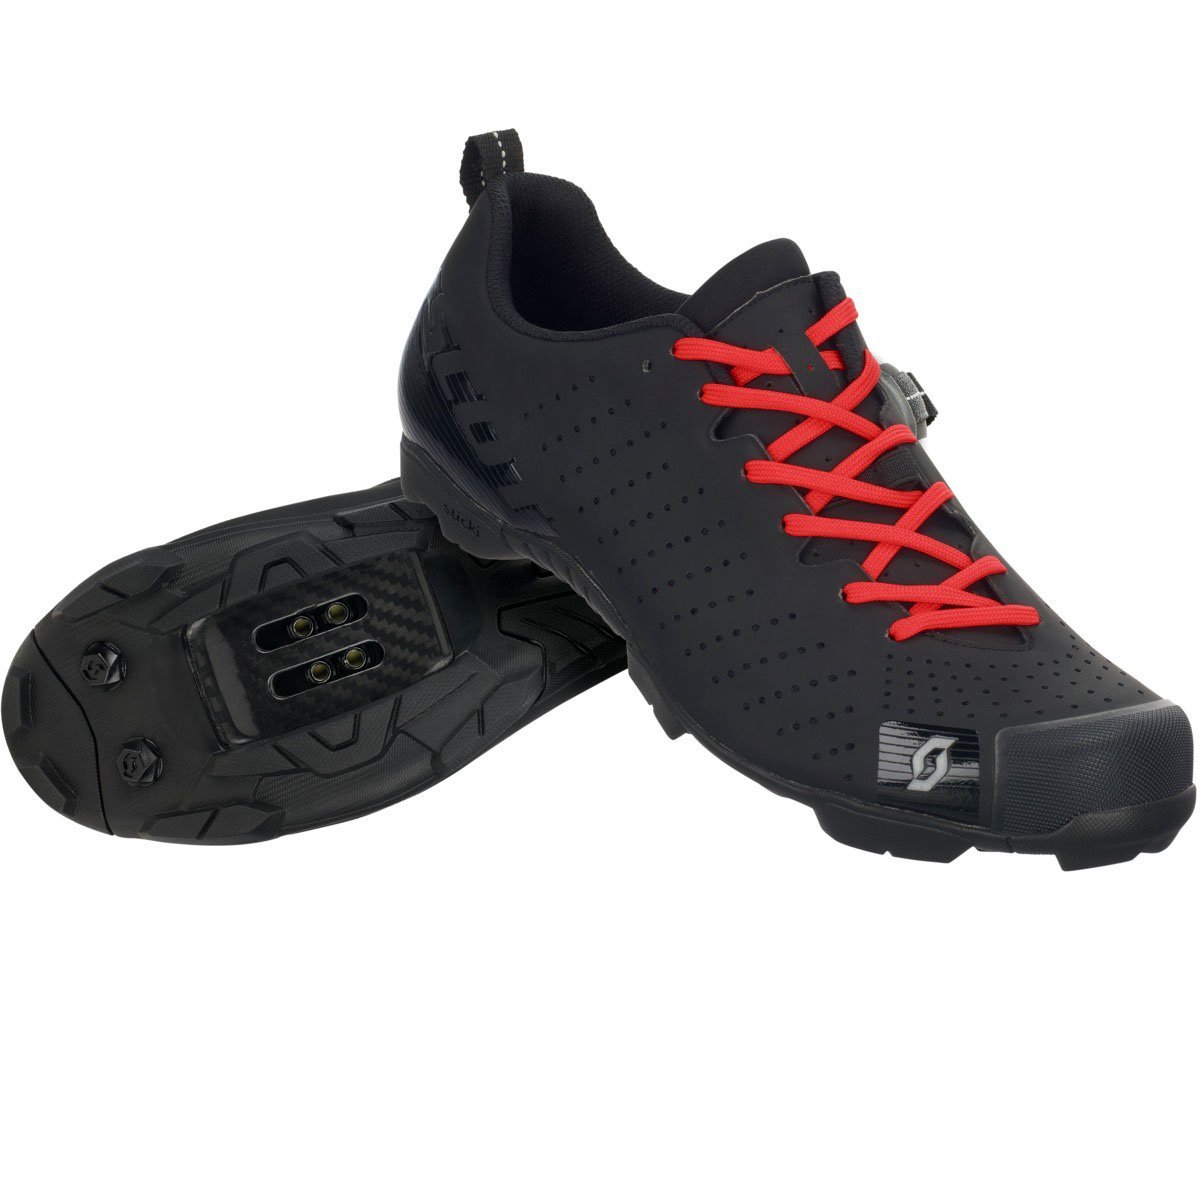 スコットMTB RC Lace Shoe – Men 'sマットブラック/グロスブラック、46.0   B01LY8F2TC